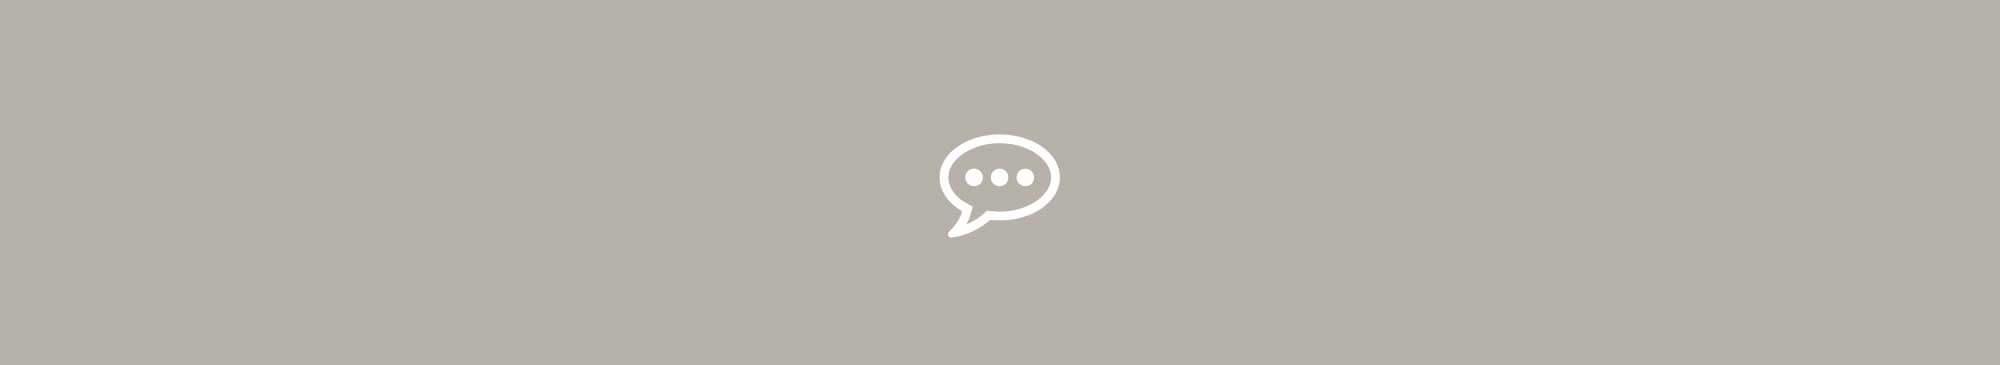 R&R/COM Kommunikation Mittelstand